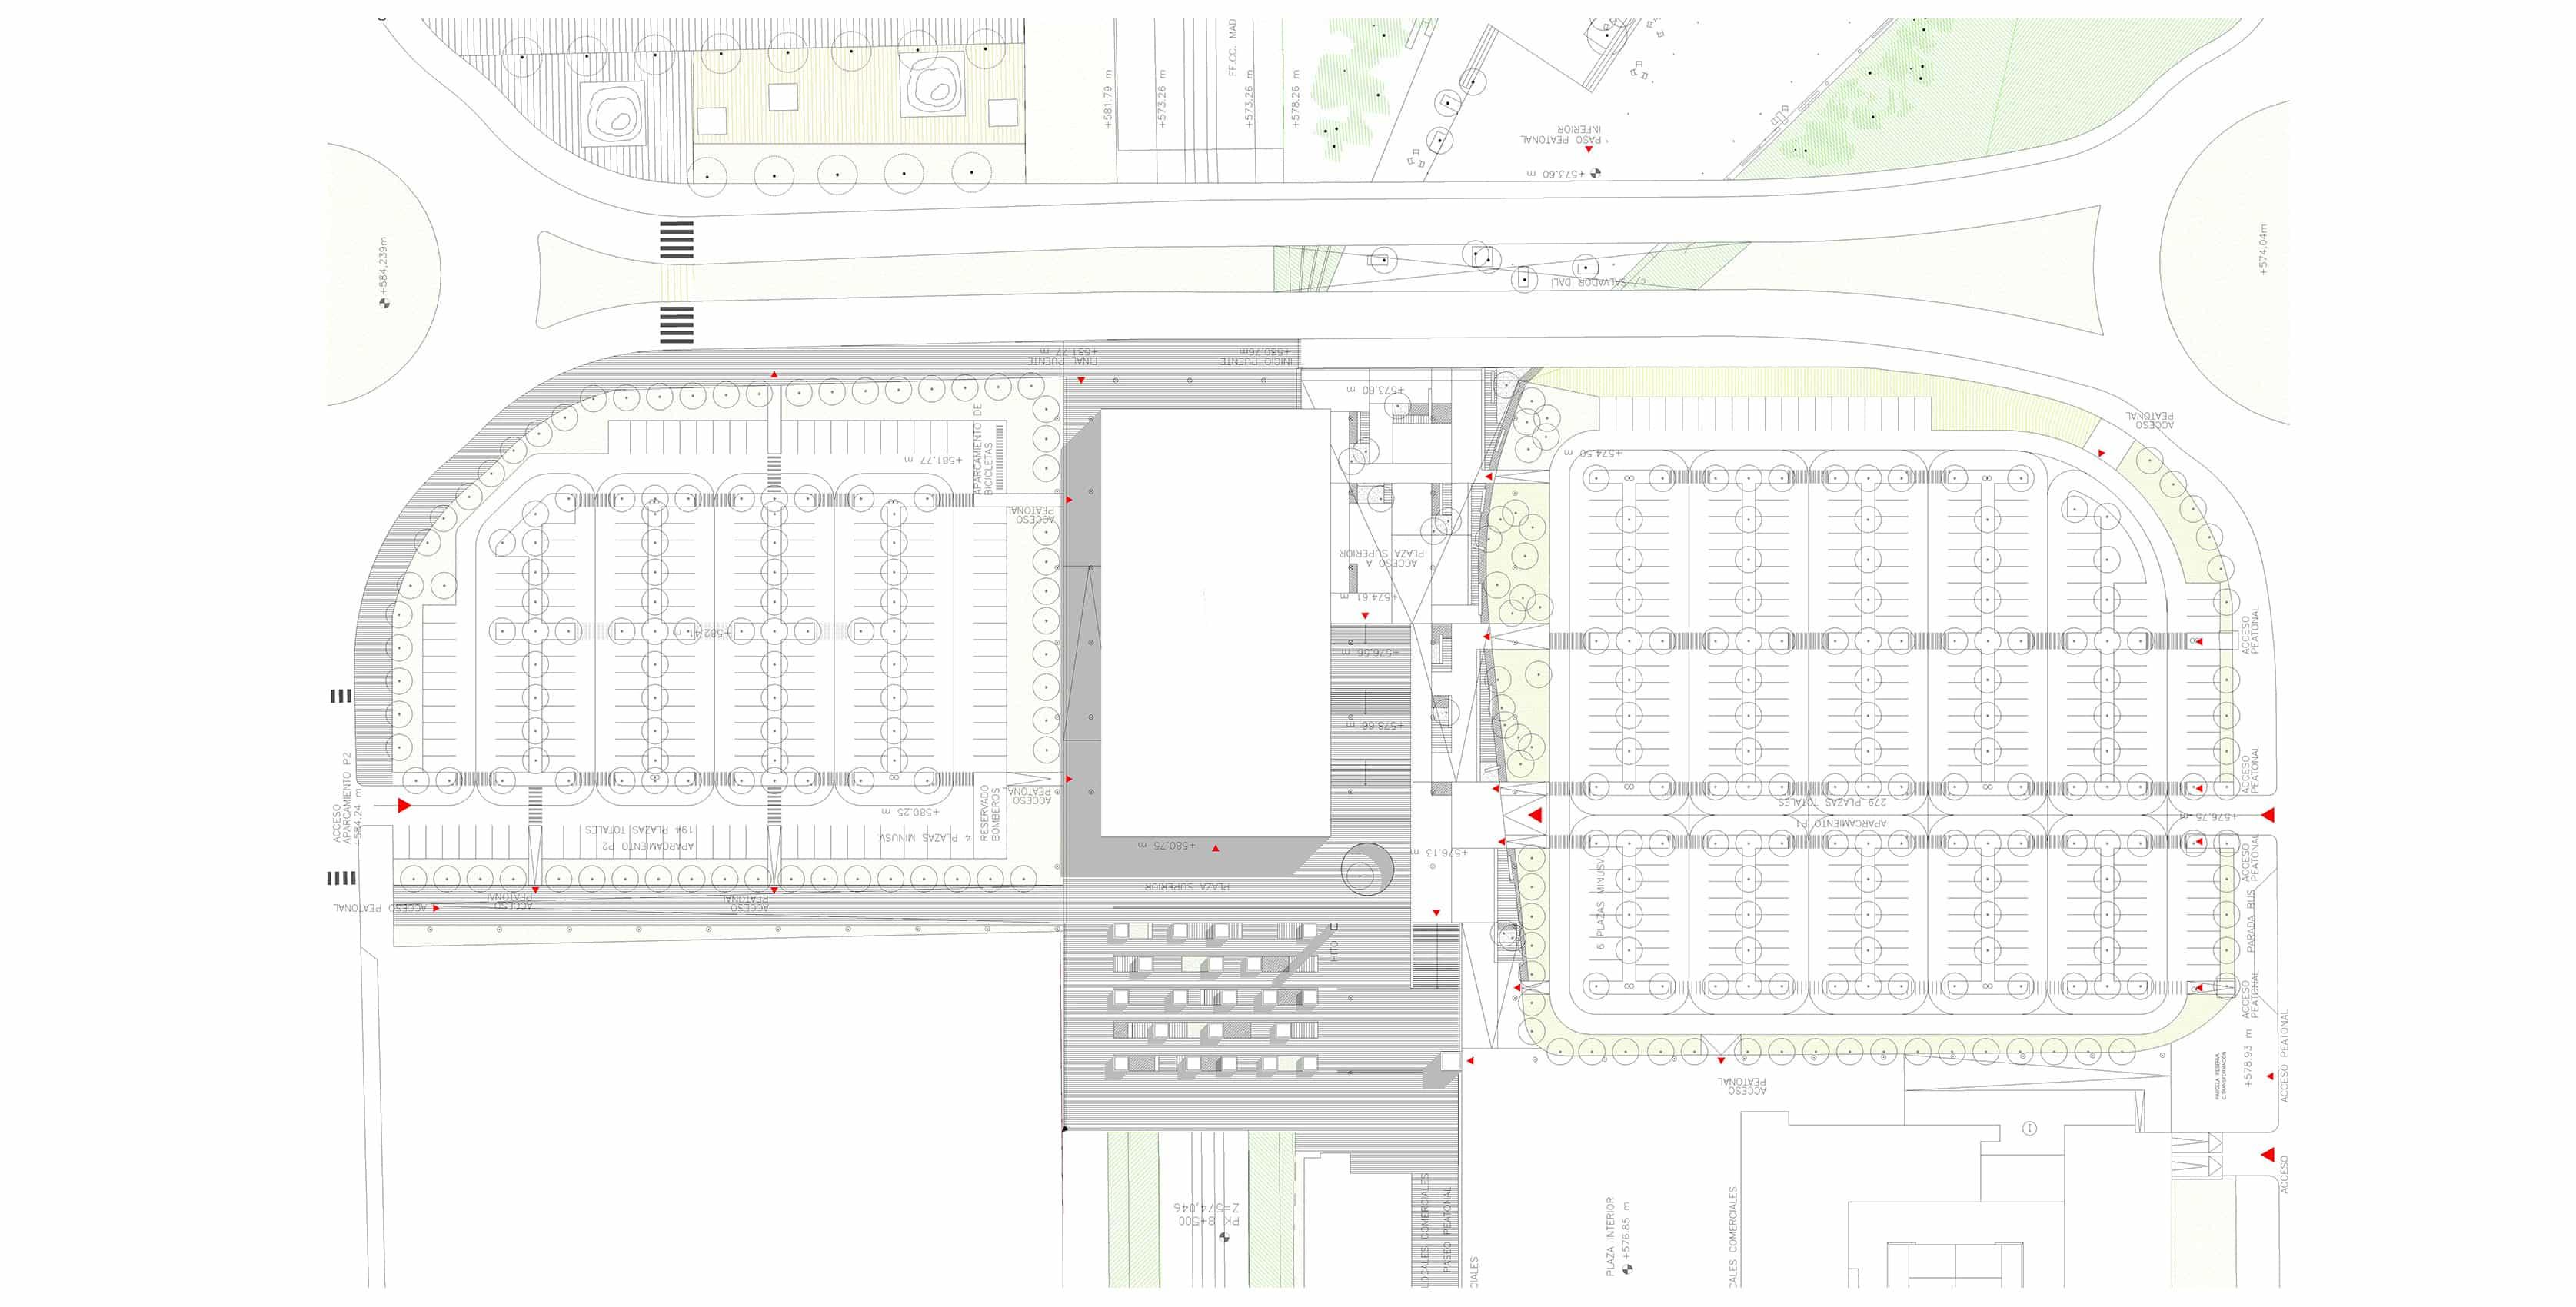 Estación METRO de Madrid - plano situación -arquitectura transporte - Estación METRO de MADRID_LGV+LANDINEZ+REY | equipo L2G arquitectos, slp [ eL2Gaa ]